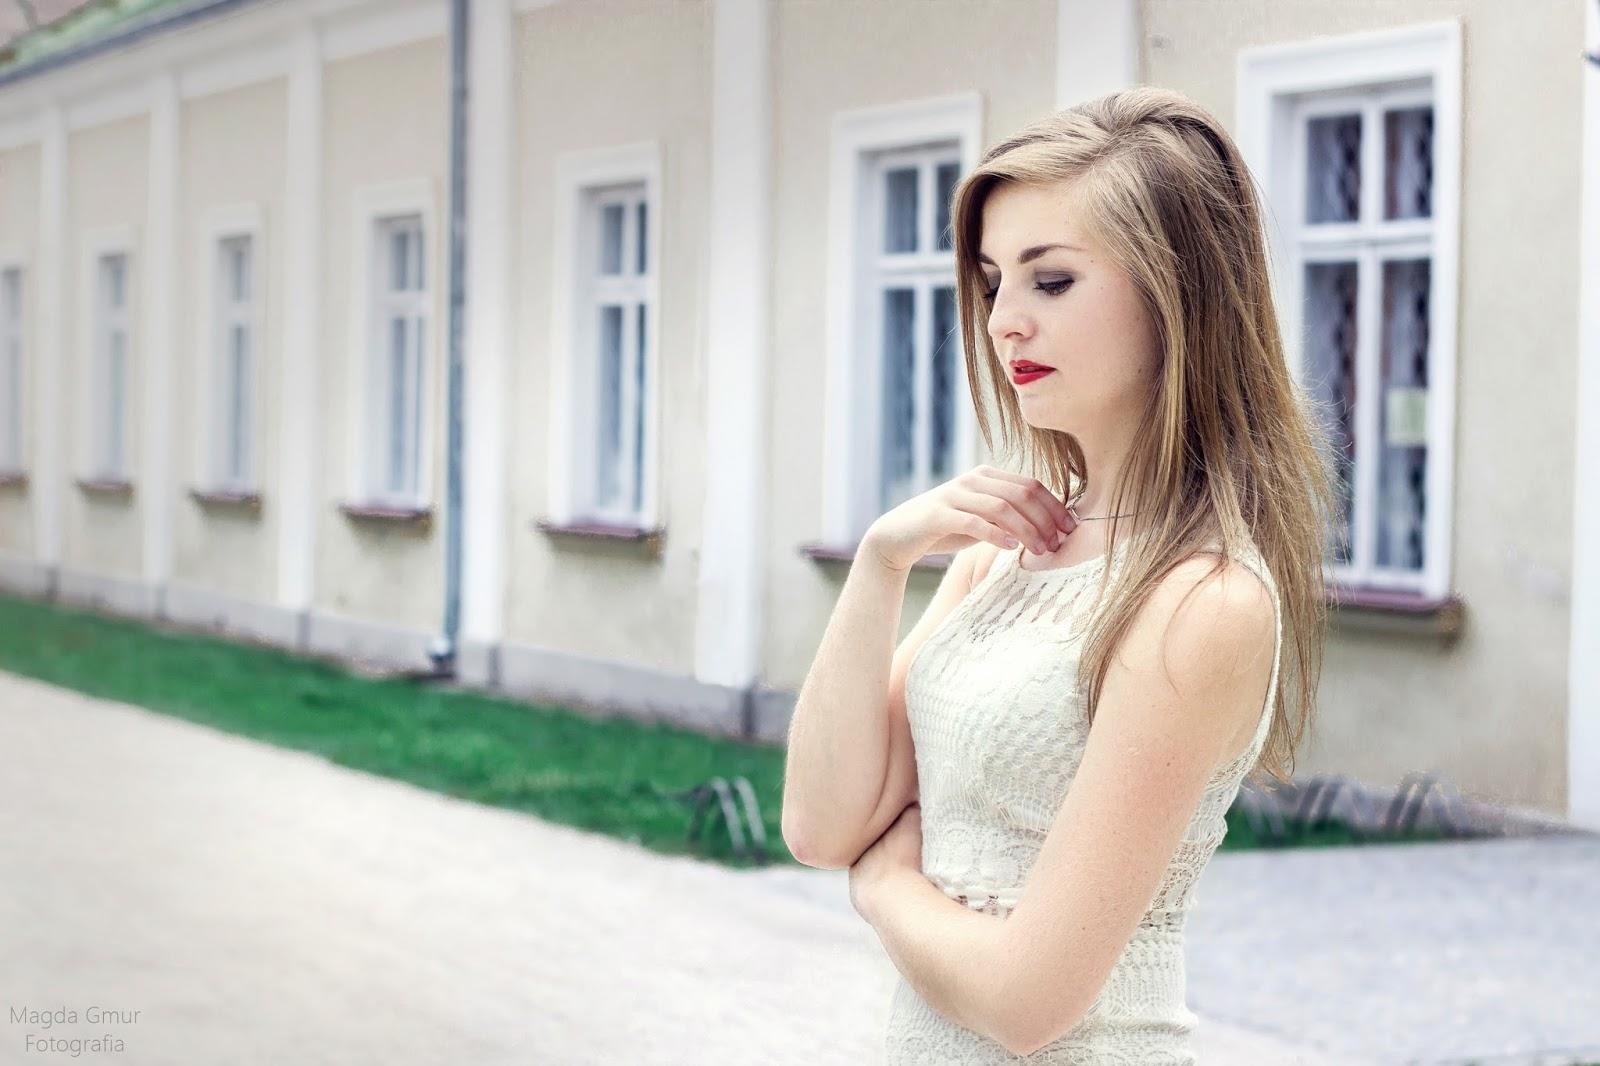 sesja w białej sukience, biała sukienka, biała koronkowa sukienka